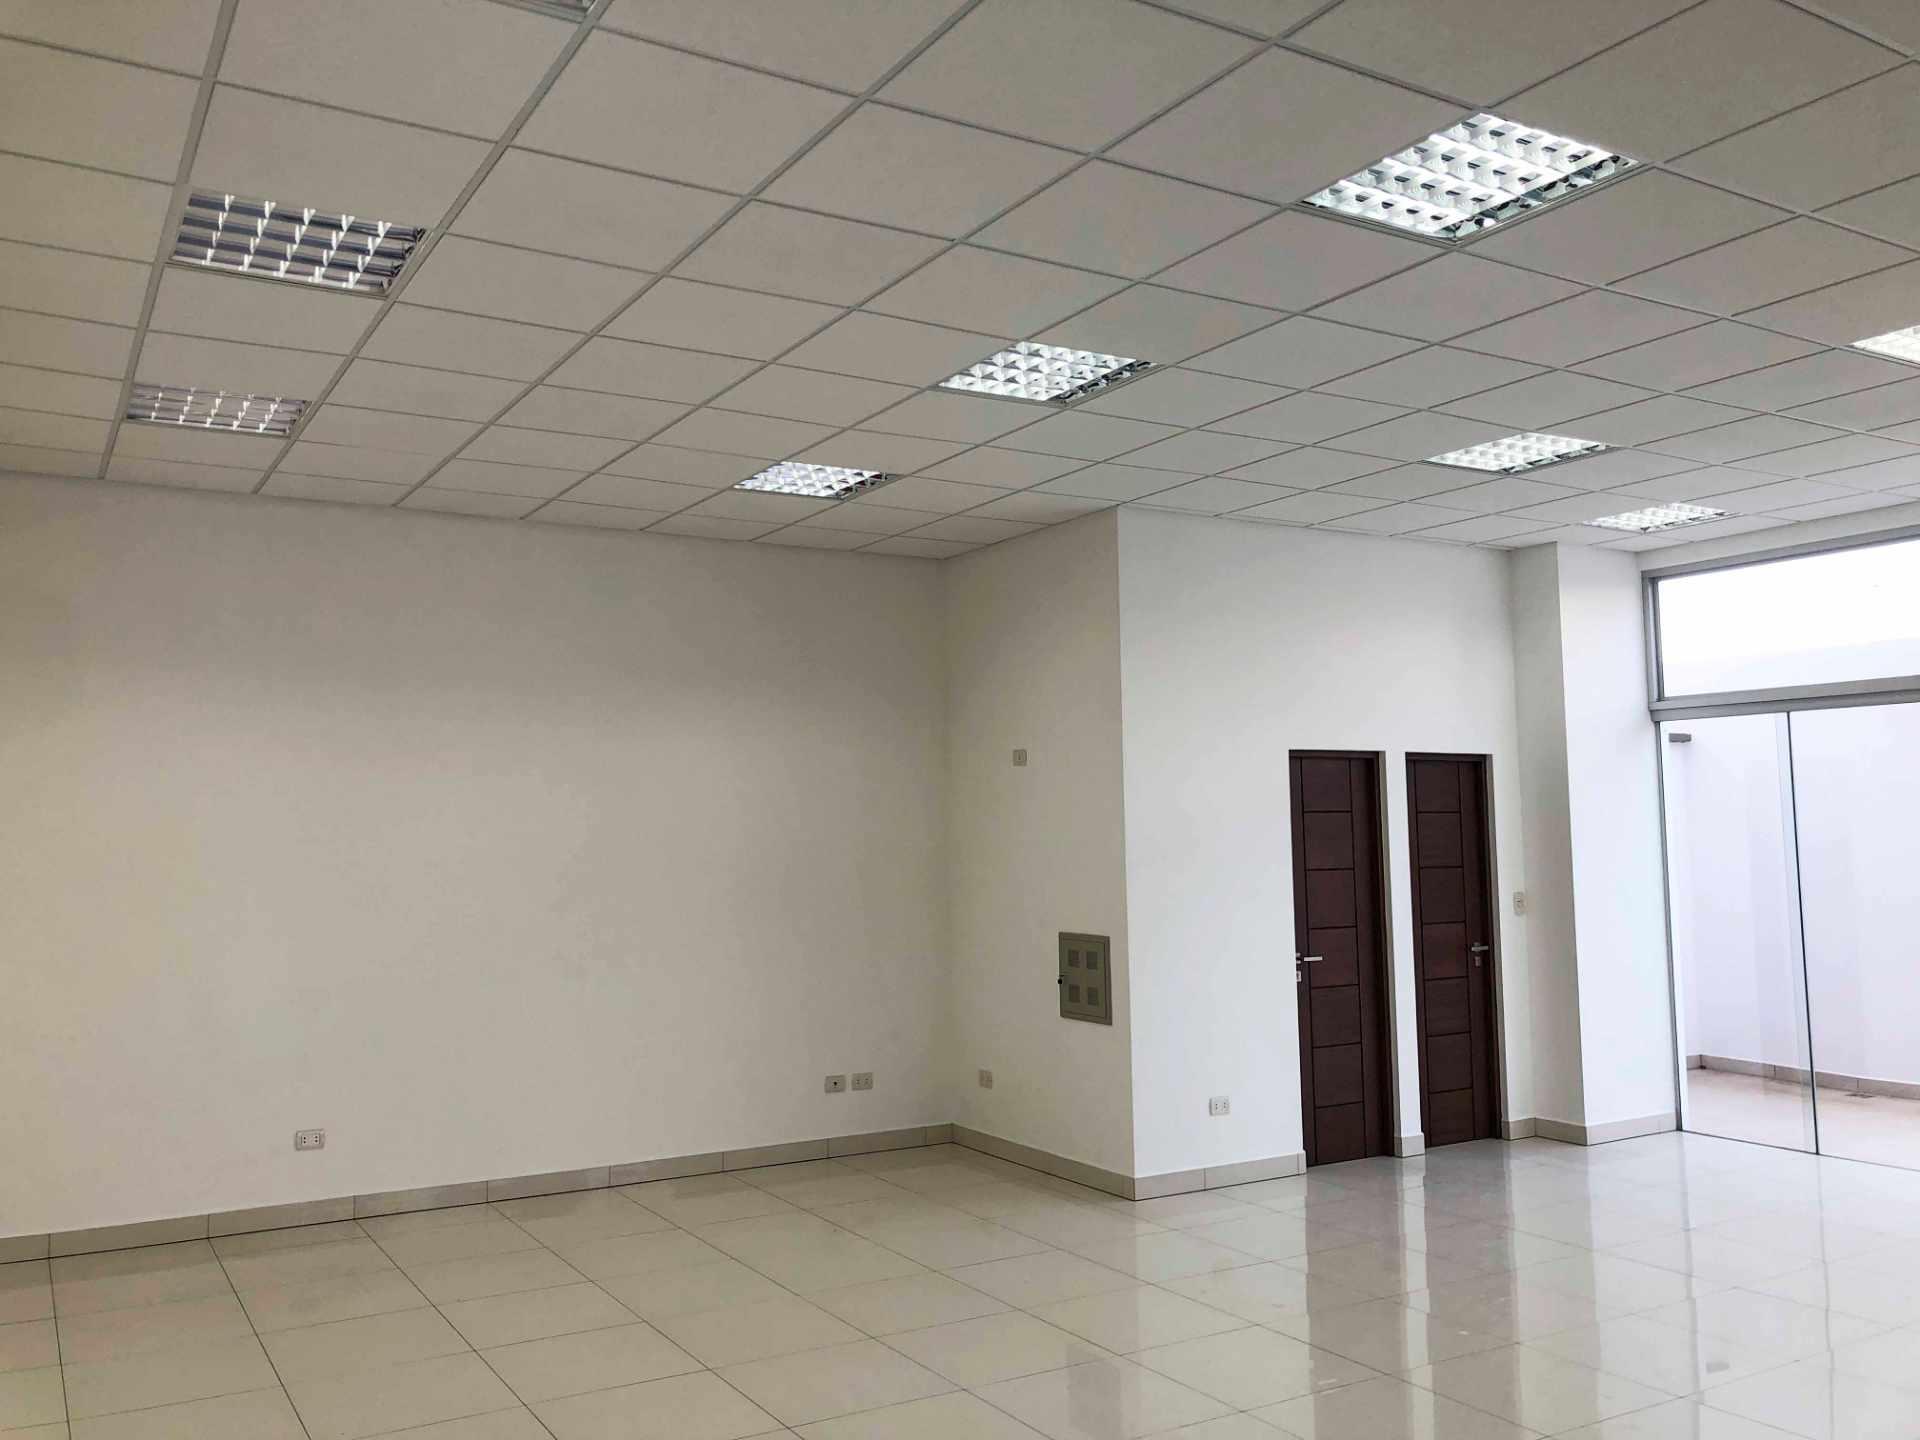 Local comercial en Venta C. Eudoro Galindo casi Circunvalación, Edificio Las Moras Foto 5